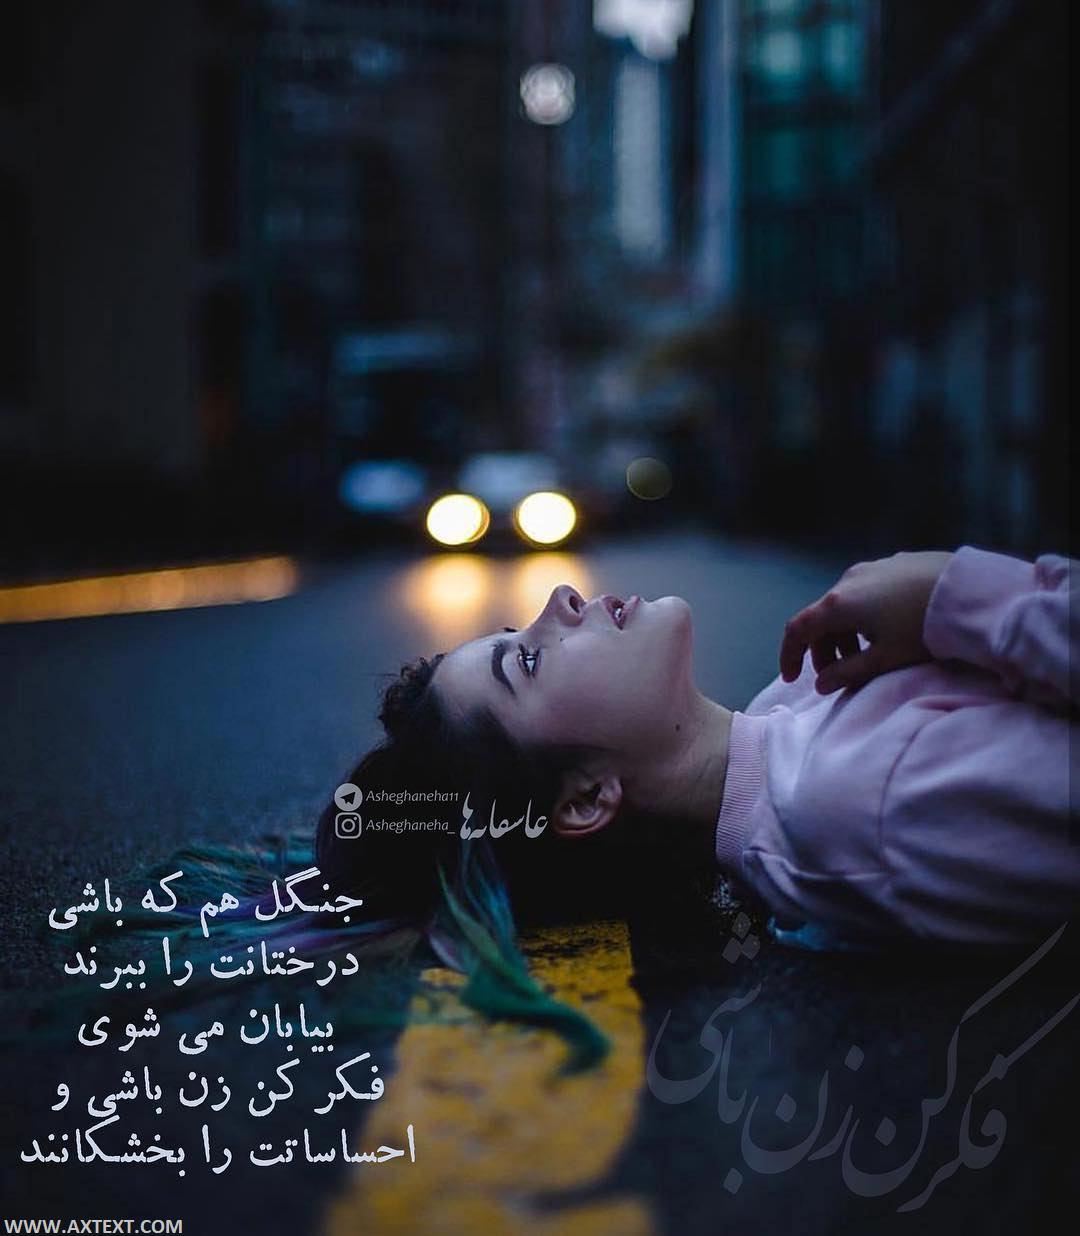 فکر کن زن باشی و احساساتت را بخشکانند